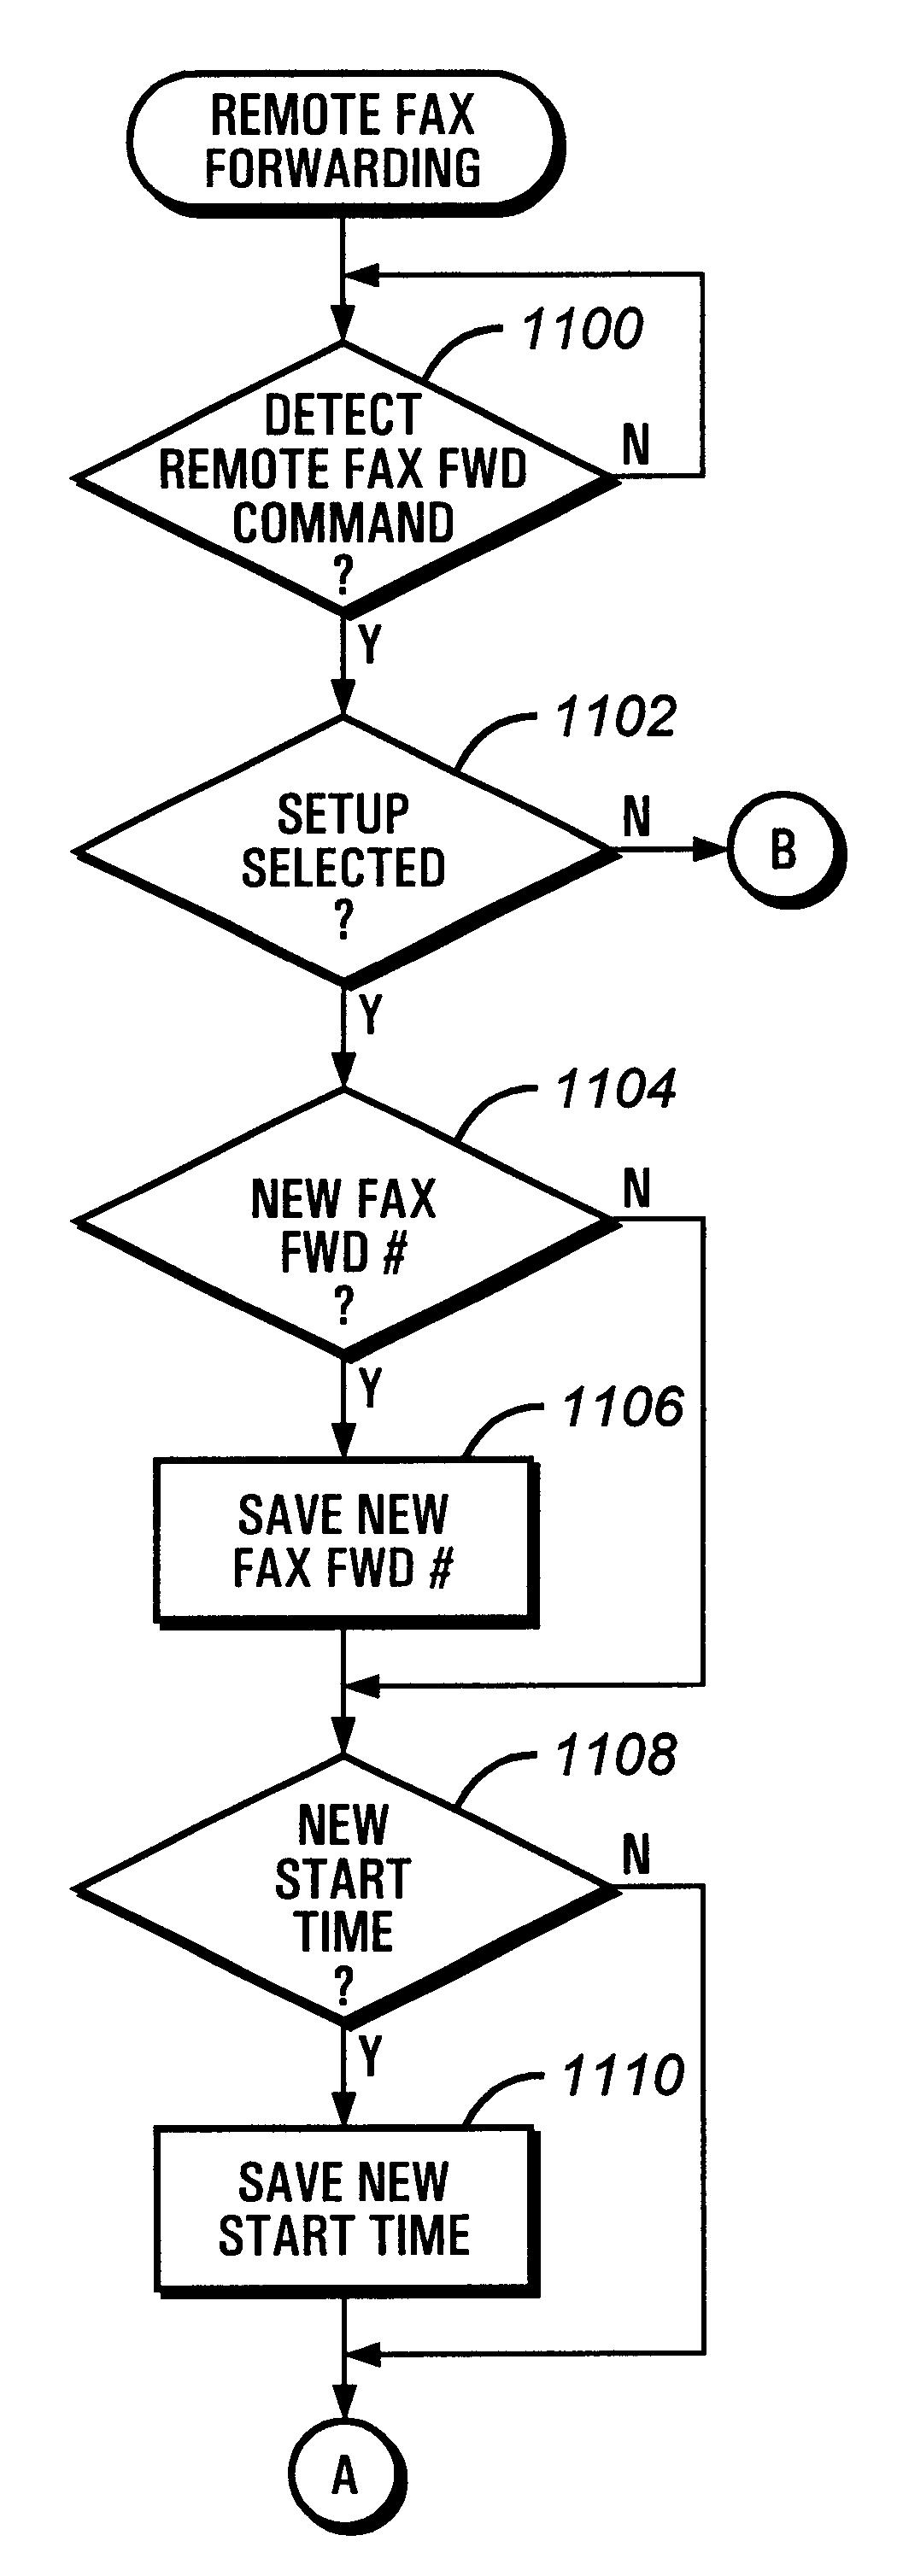 fax machine email forward